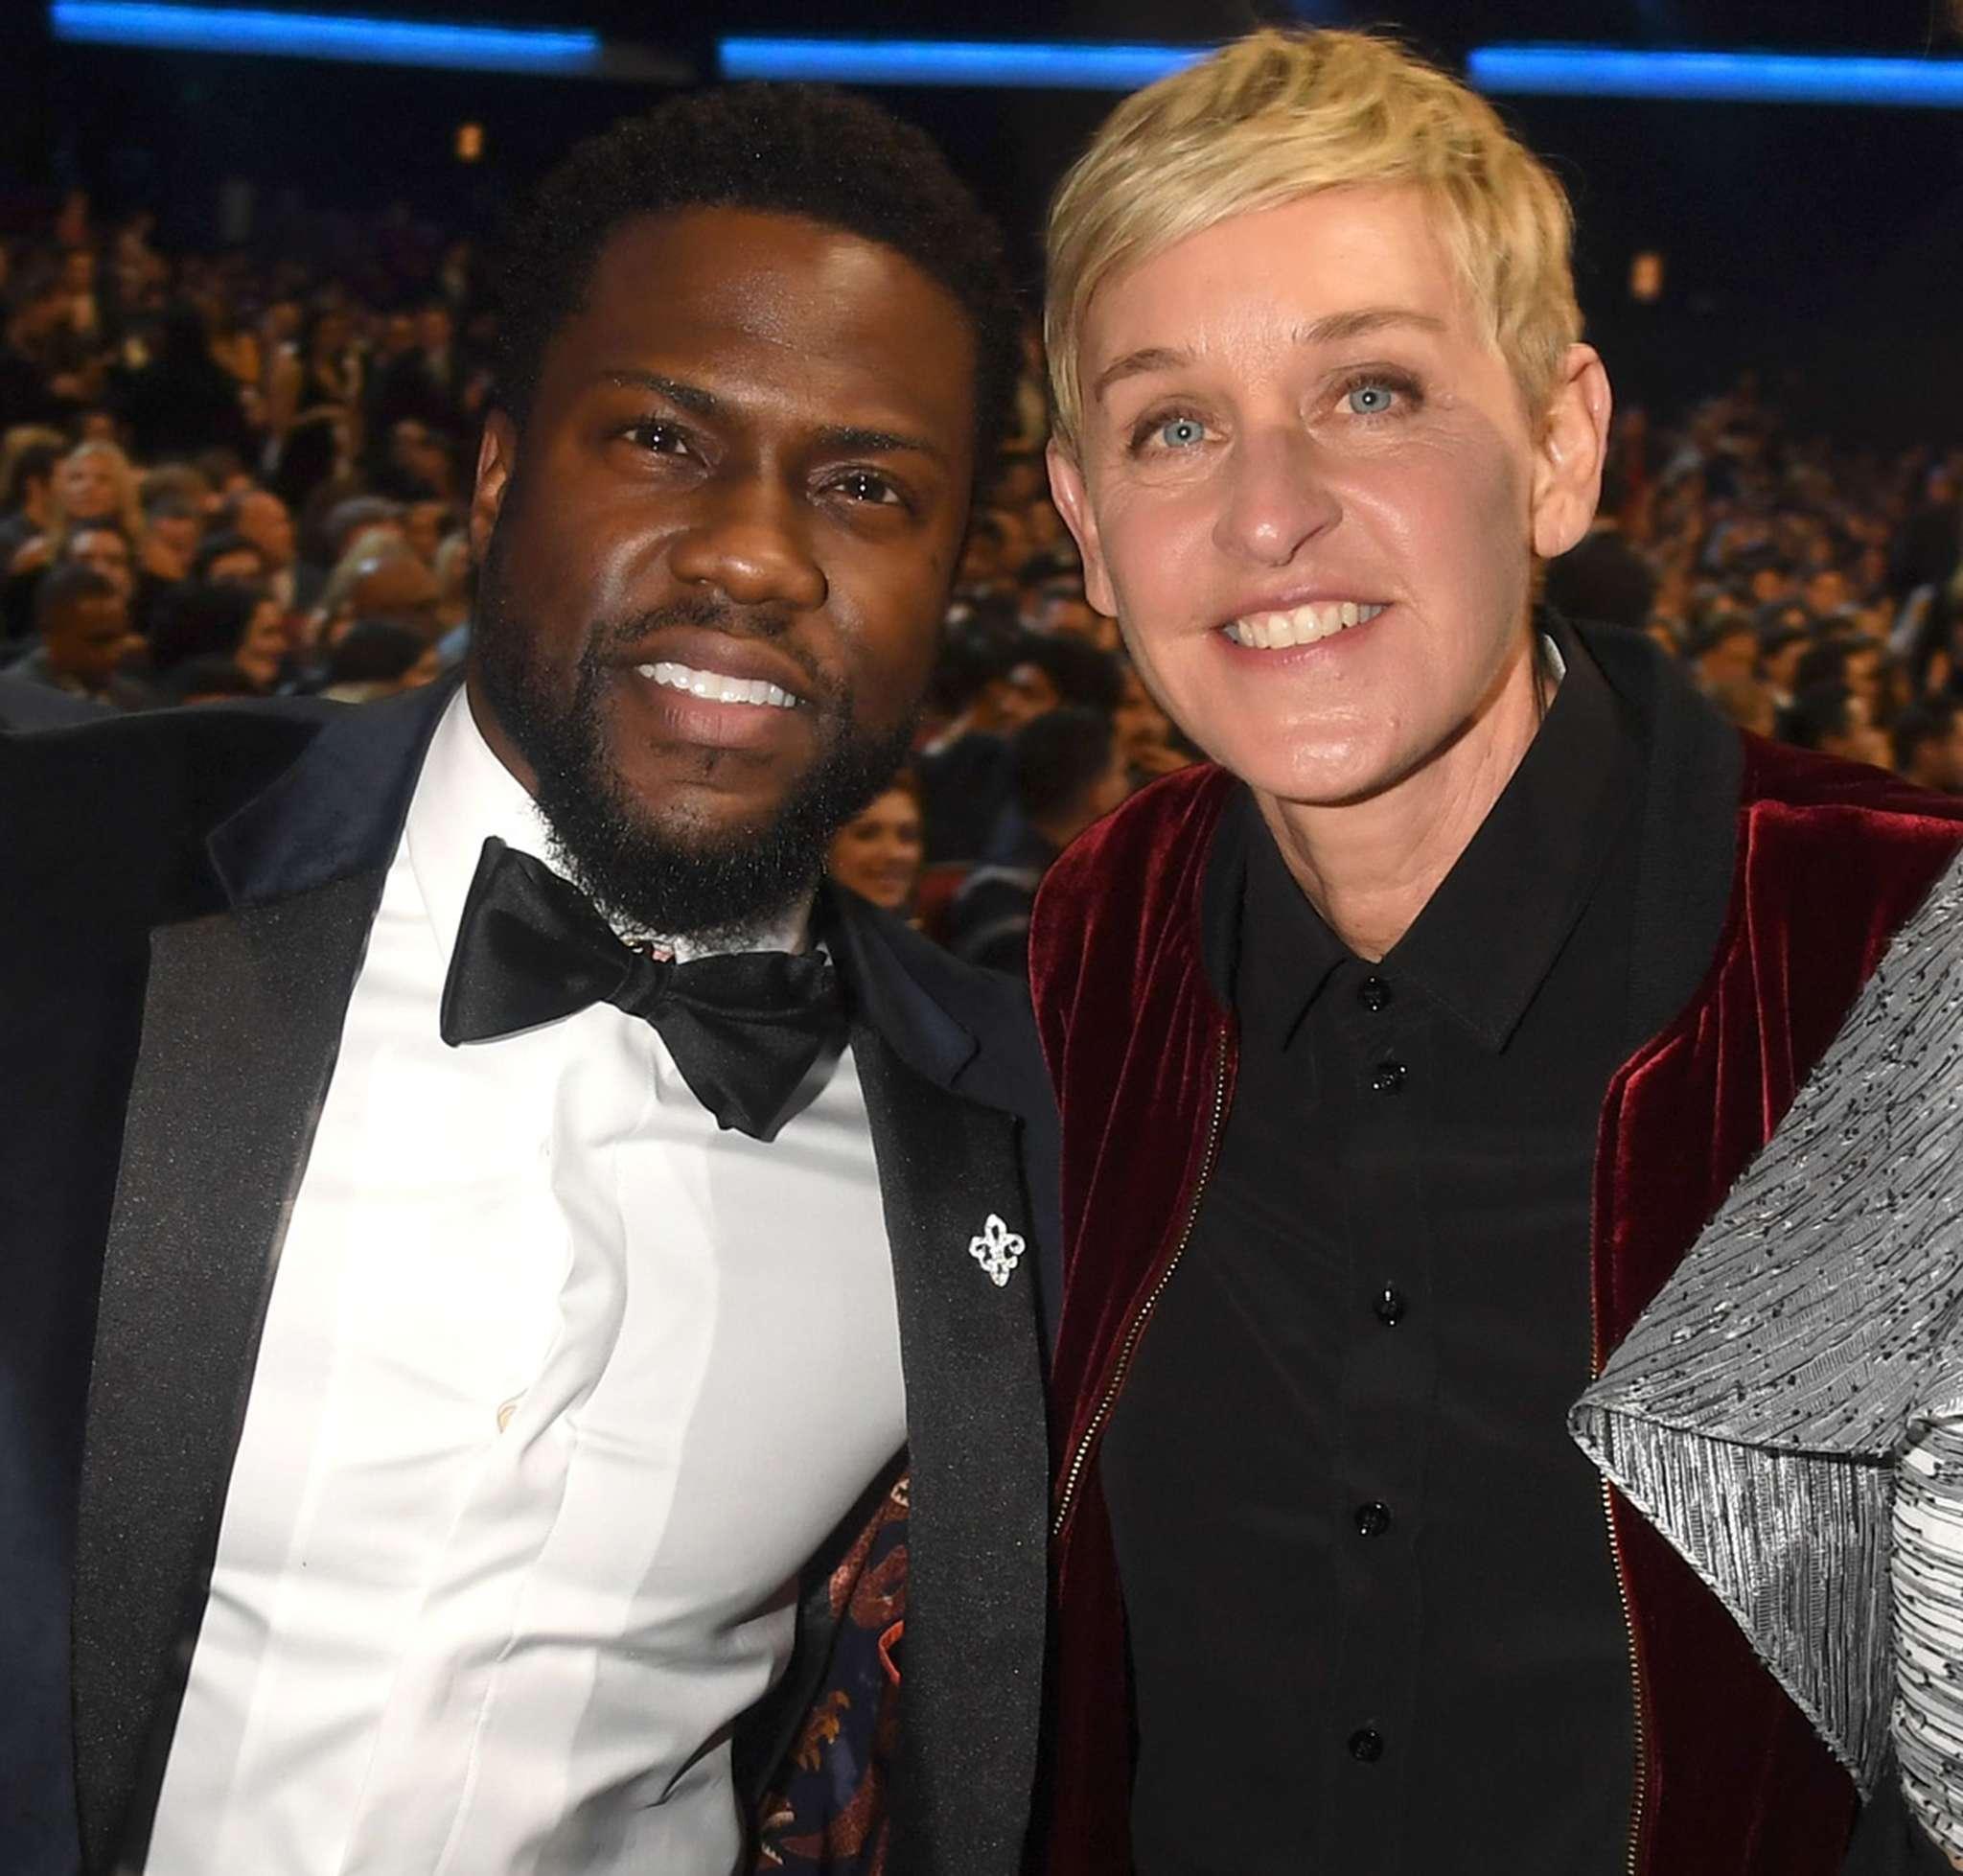 Kevin Hart Has A Message For Ellen DeGeneres Amid Discrimination Drama